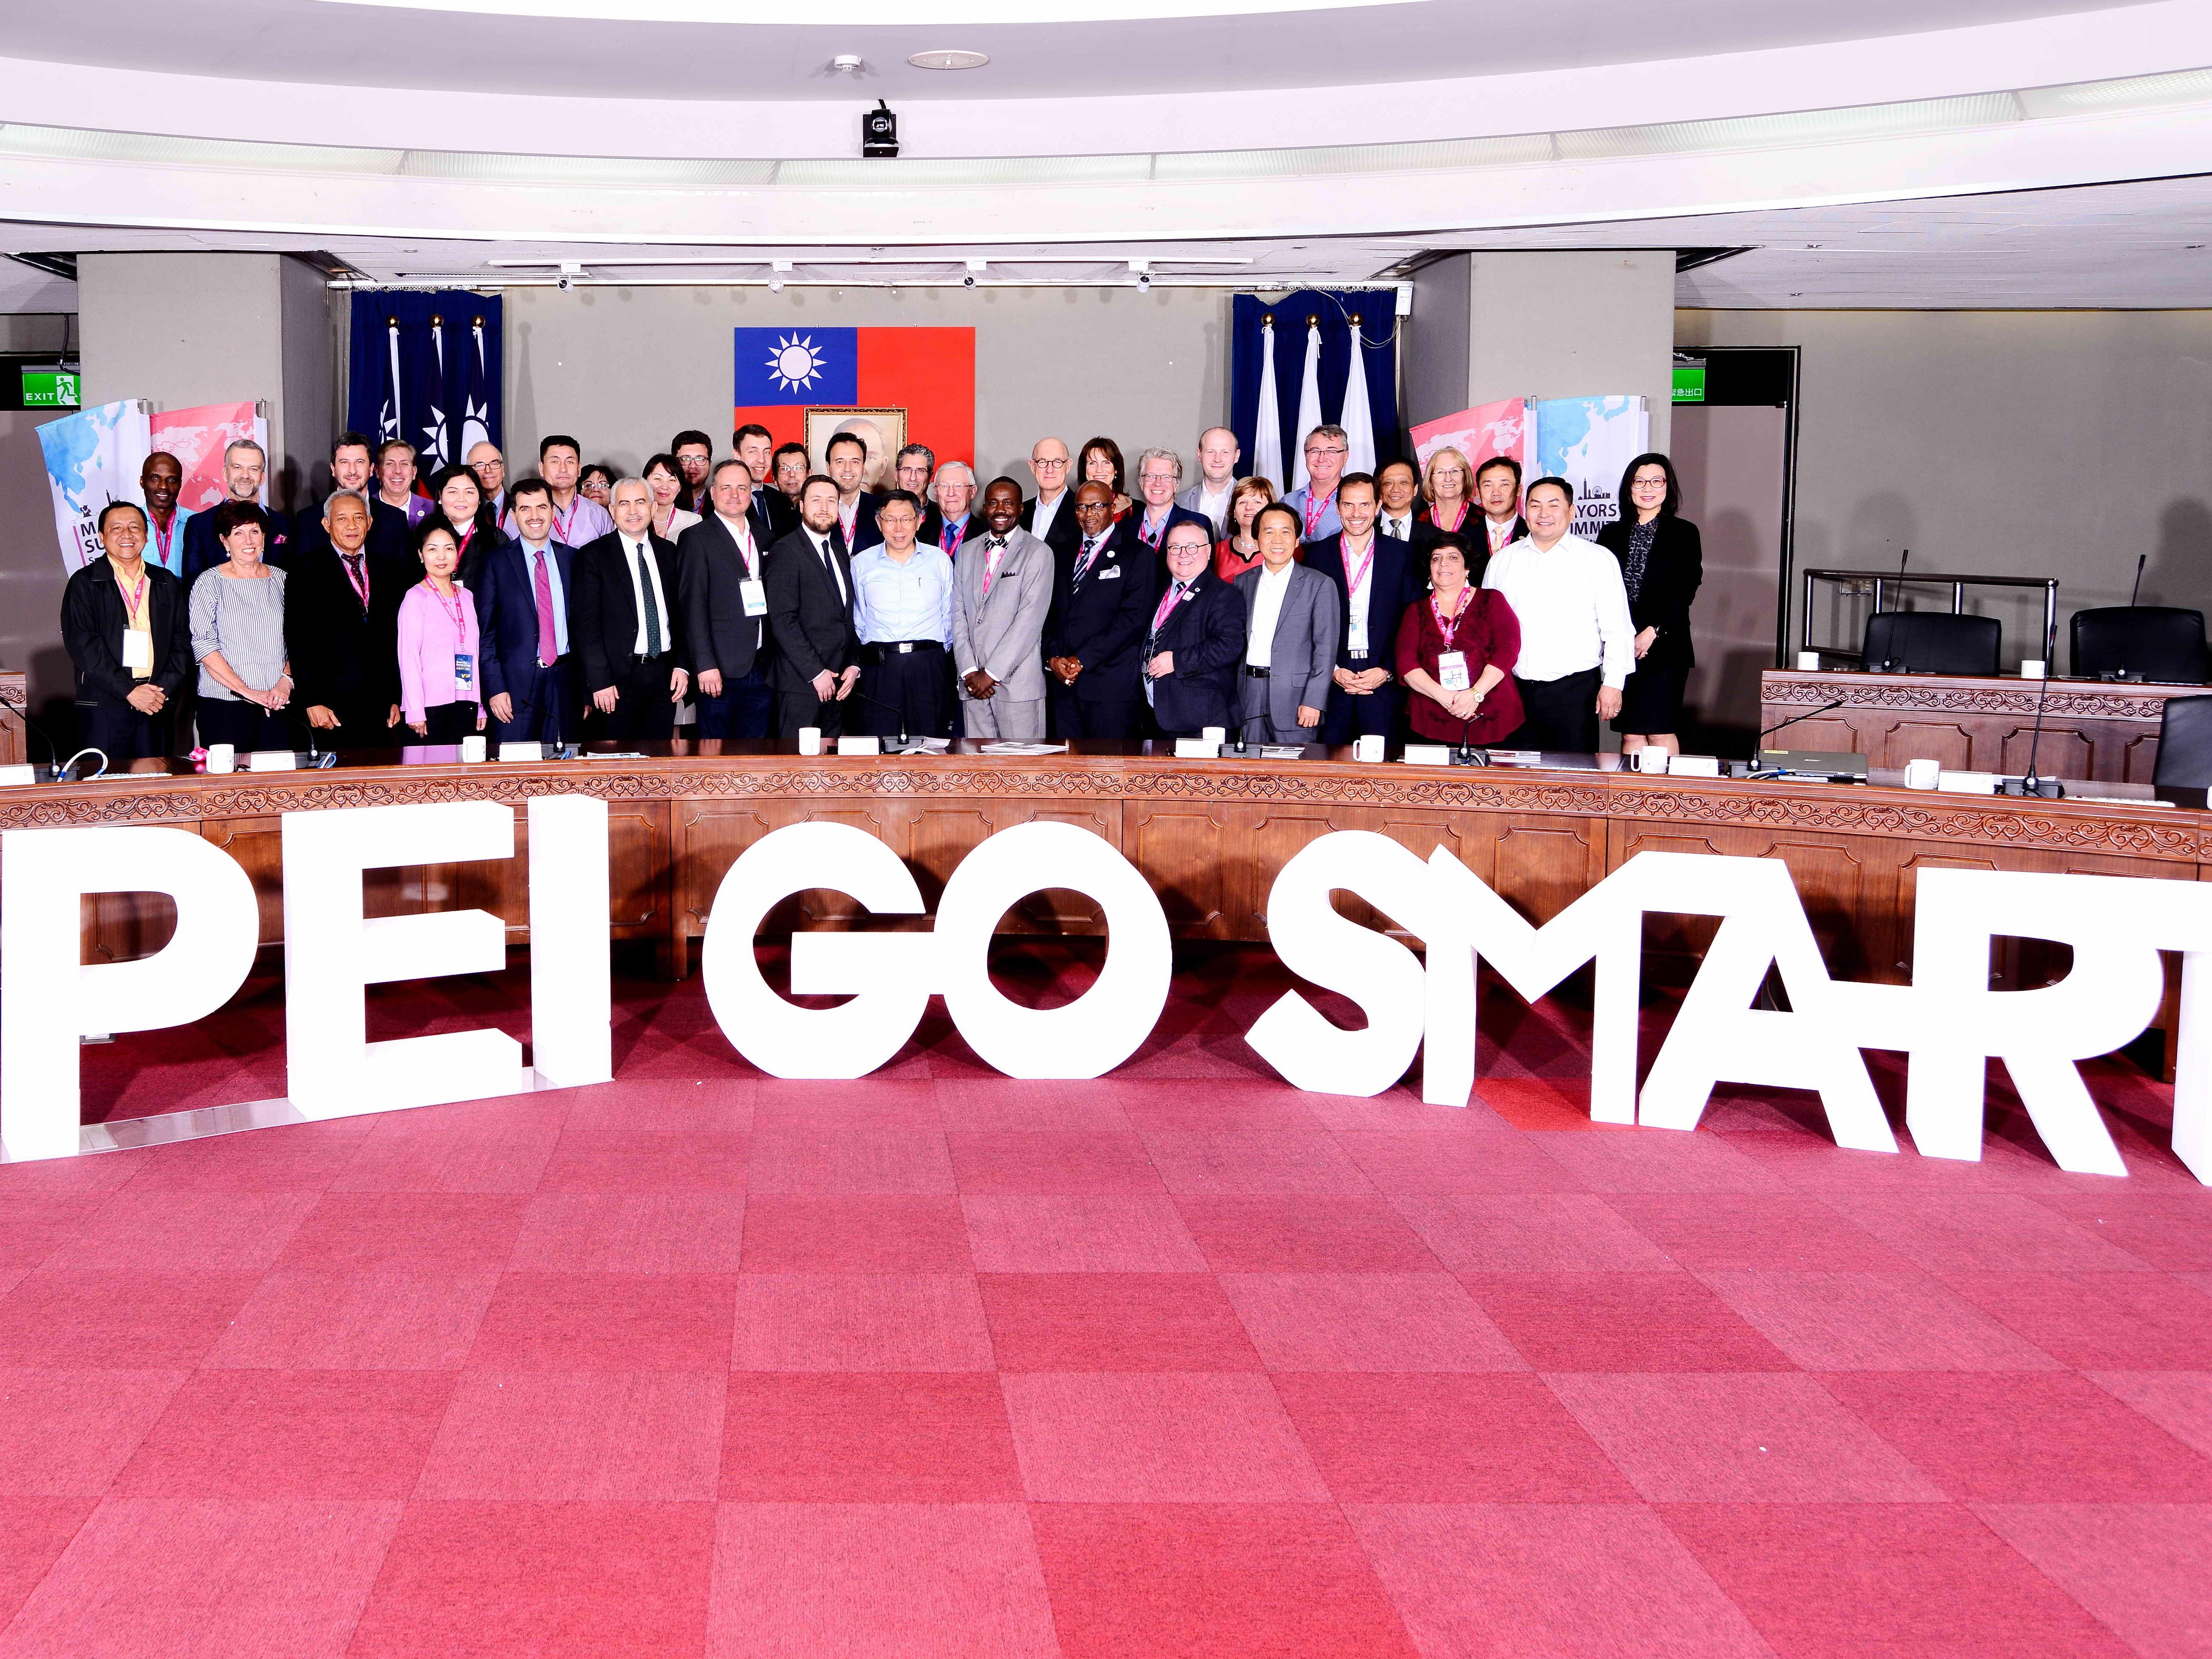 """Mezinárodní kongres Smart cities v Taipei posunul realizaci technologií pro """"chytrá města"""" o kus dál"""